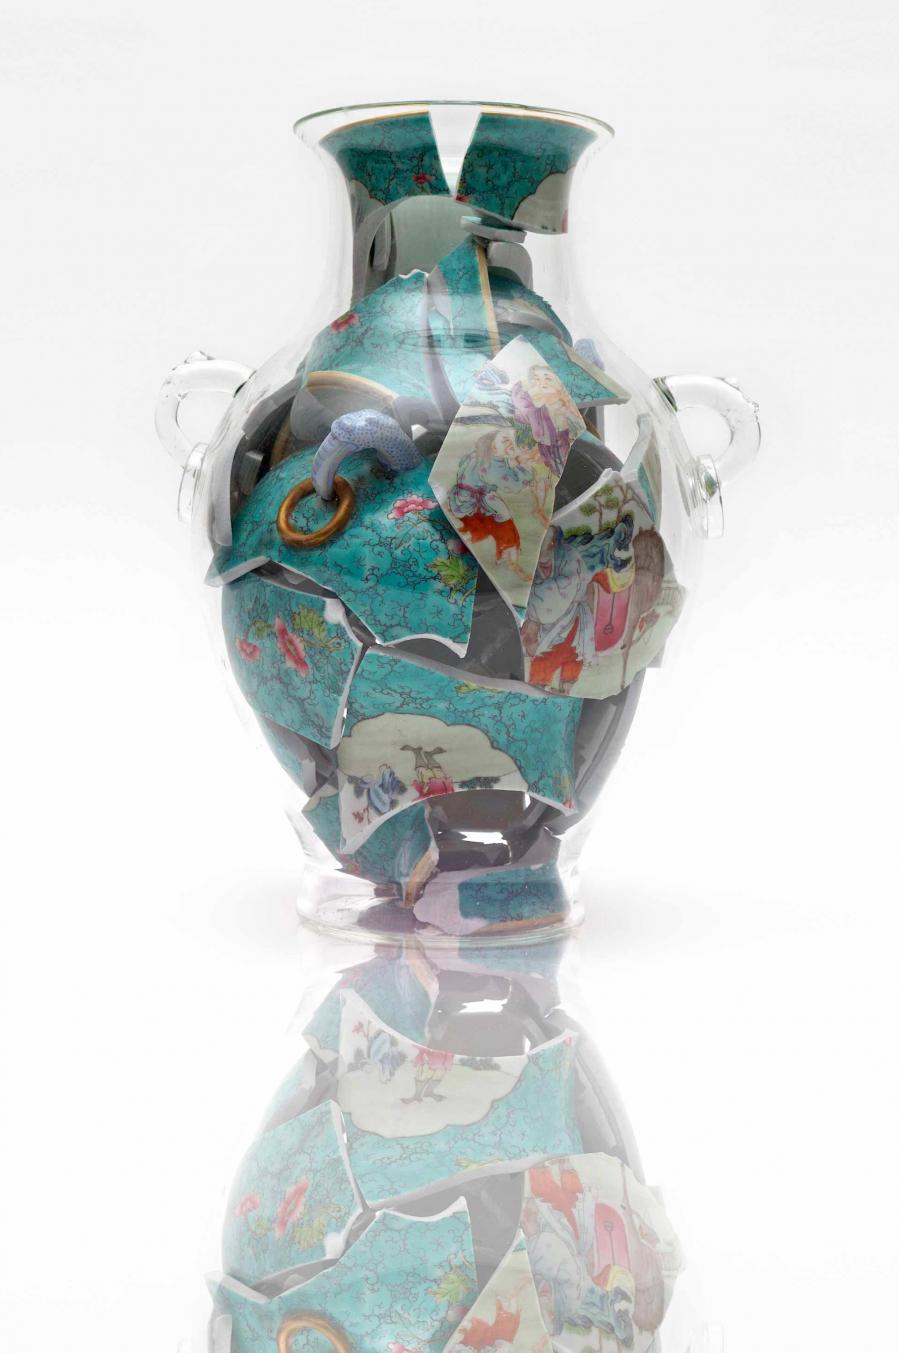 Arta cu cioburi de ceramica: Stari noi pentru obiecte vechi - Poza 4